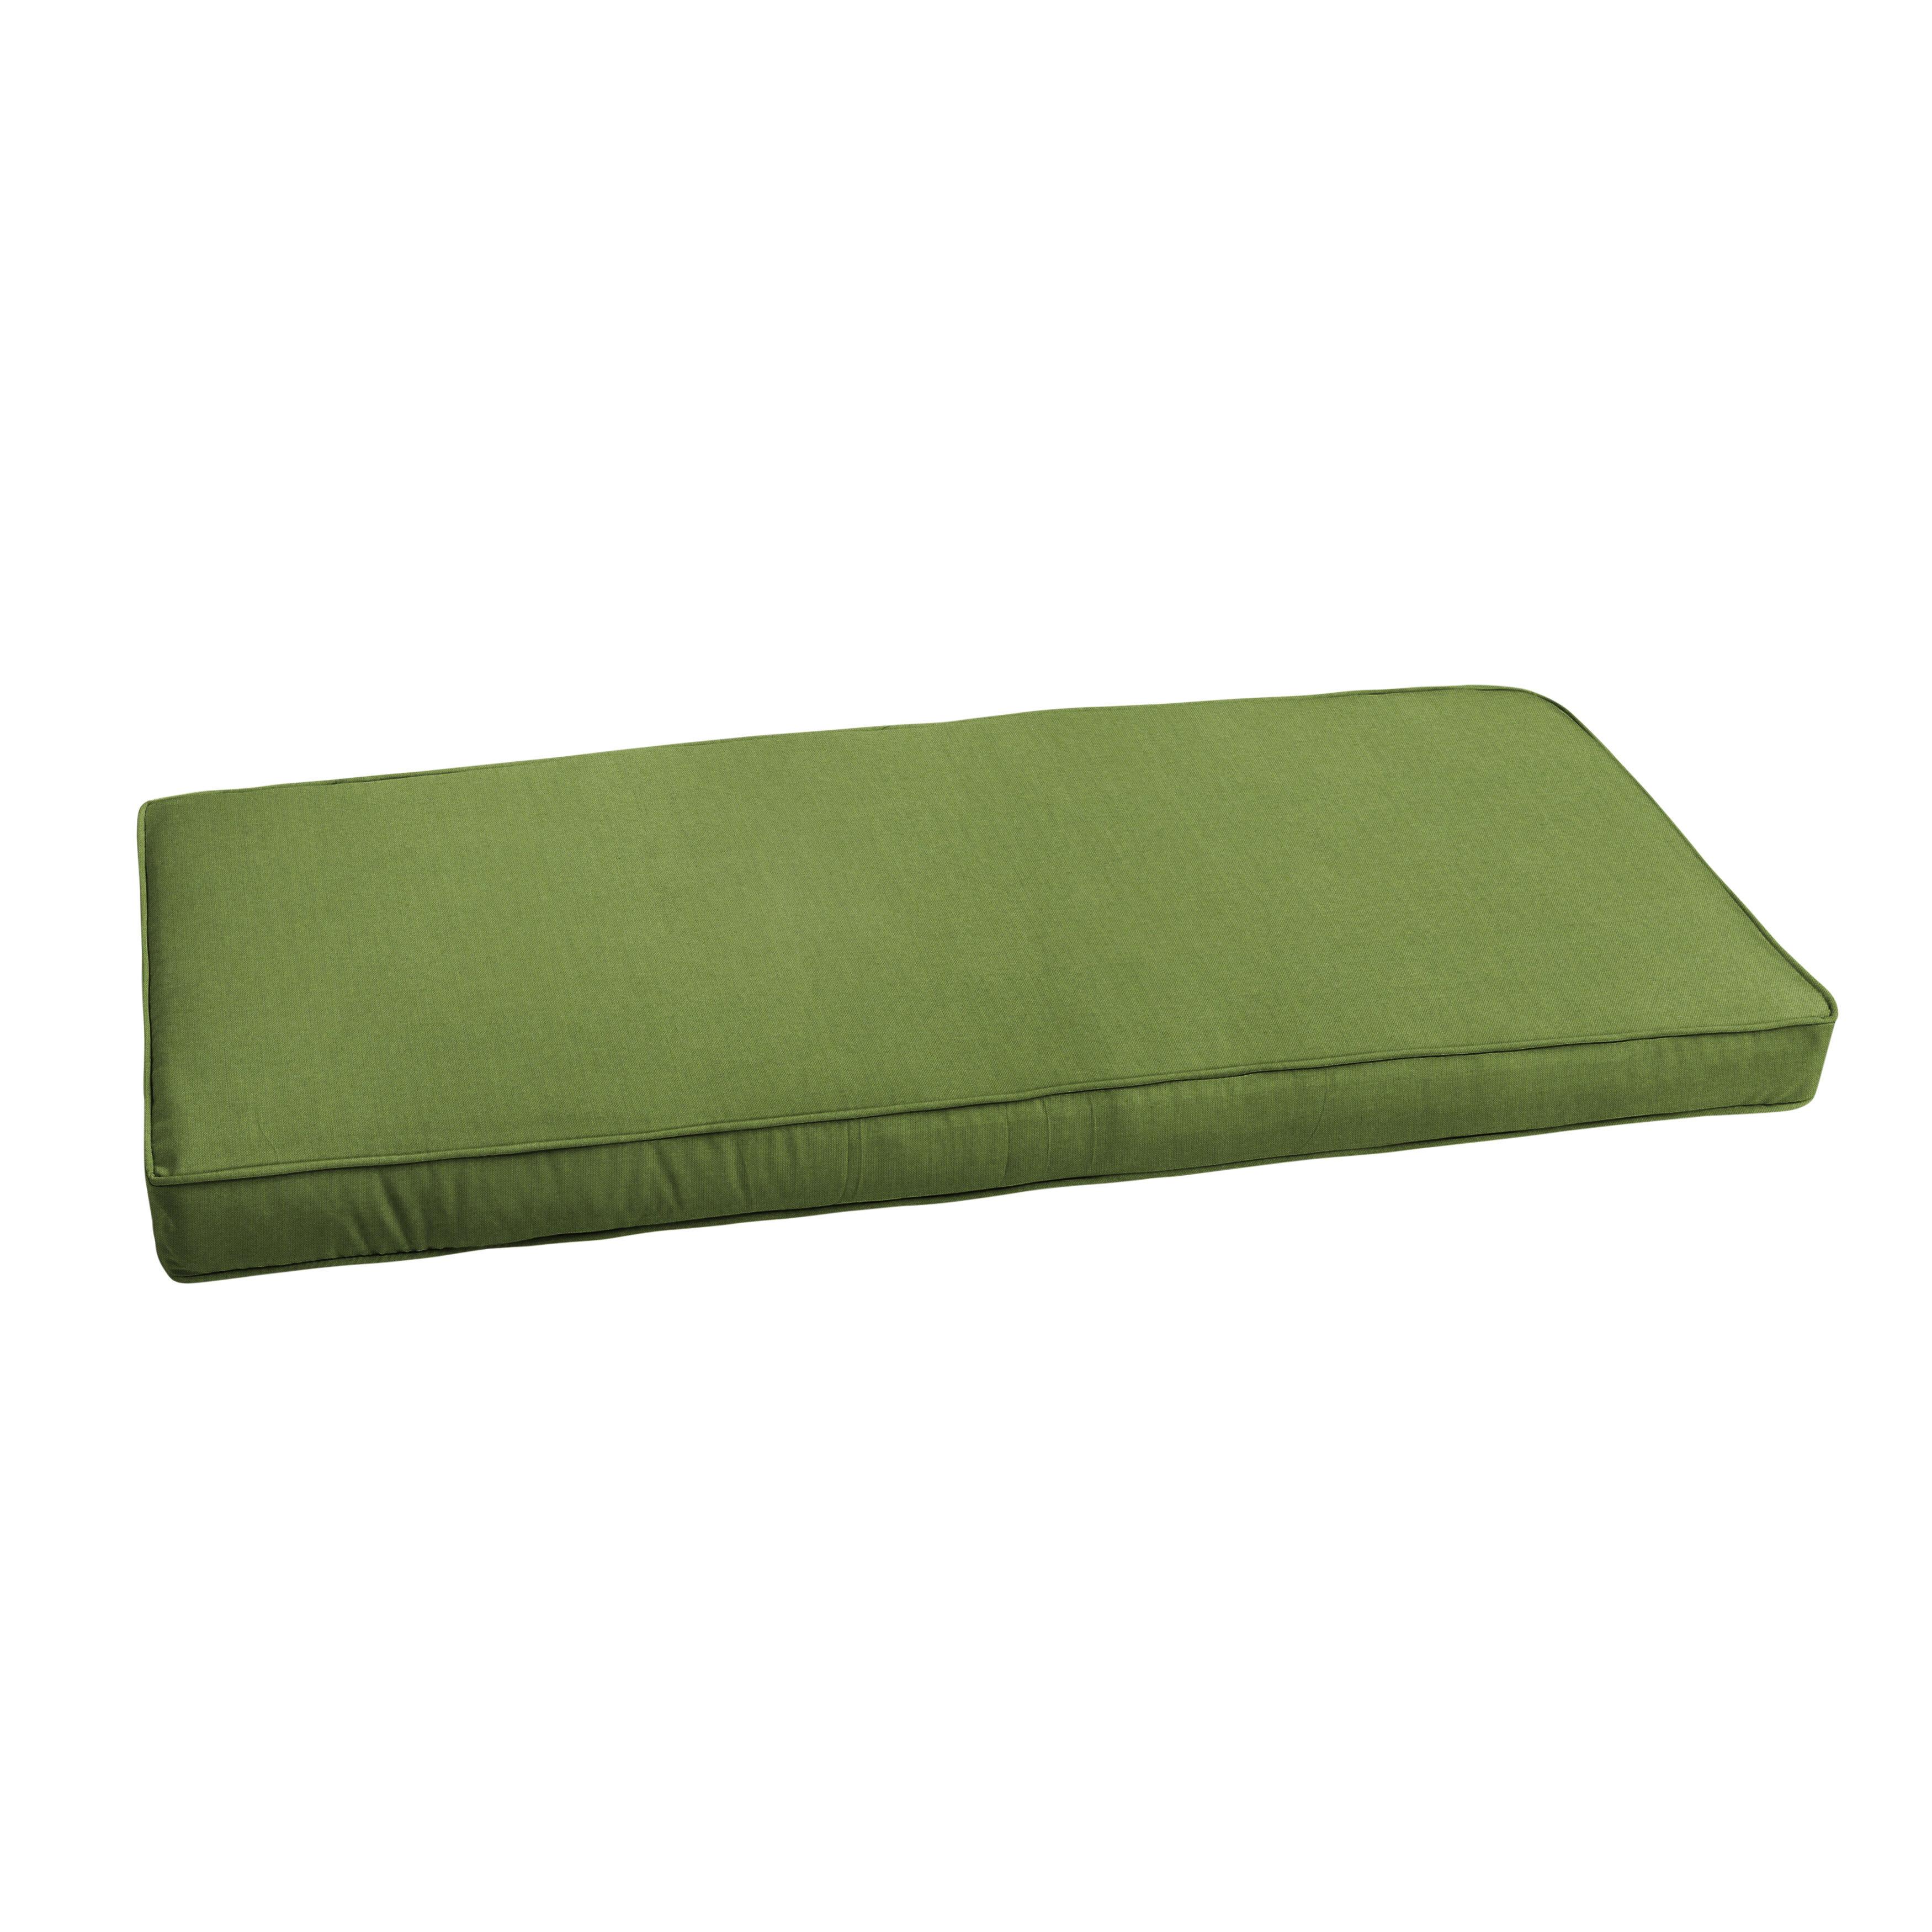 Beau Indoor / Outdoor Sunbrella Bench Cushion